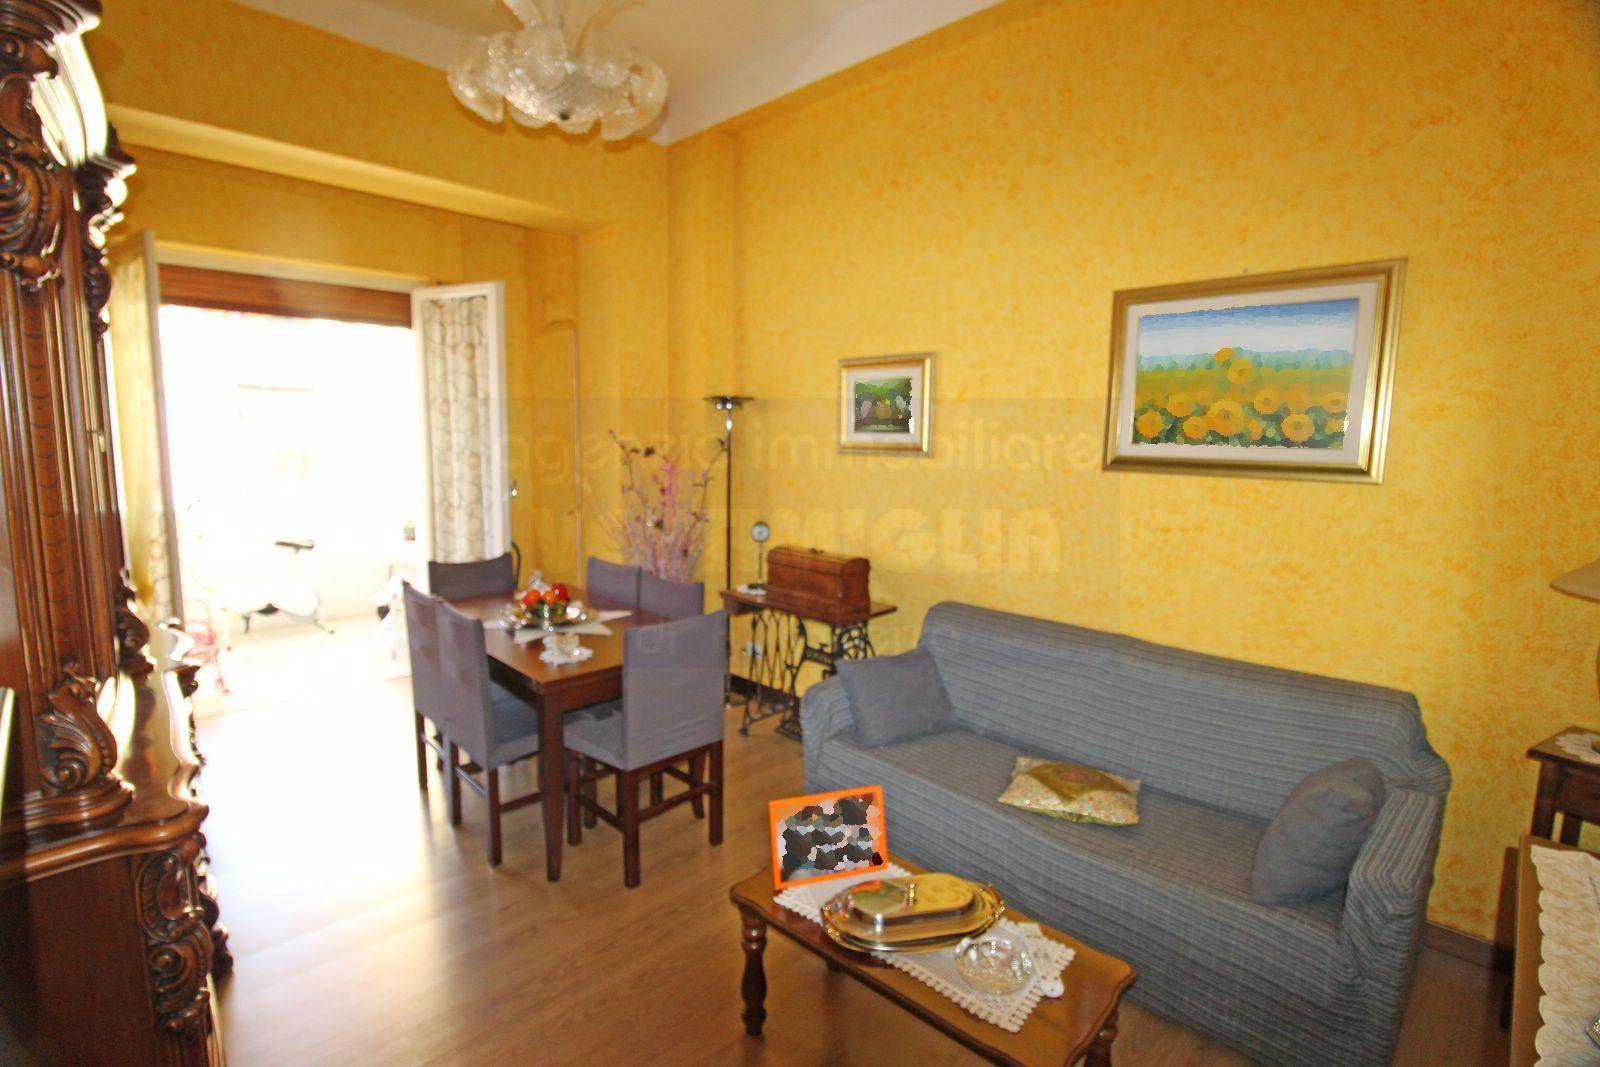 Appartamento in vendita a Ventimiglia, 3 locali, prezzo € 150.000 | PortaleAgenzieImmobiliari.it